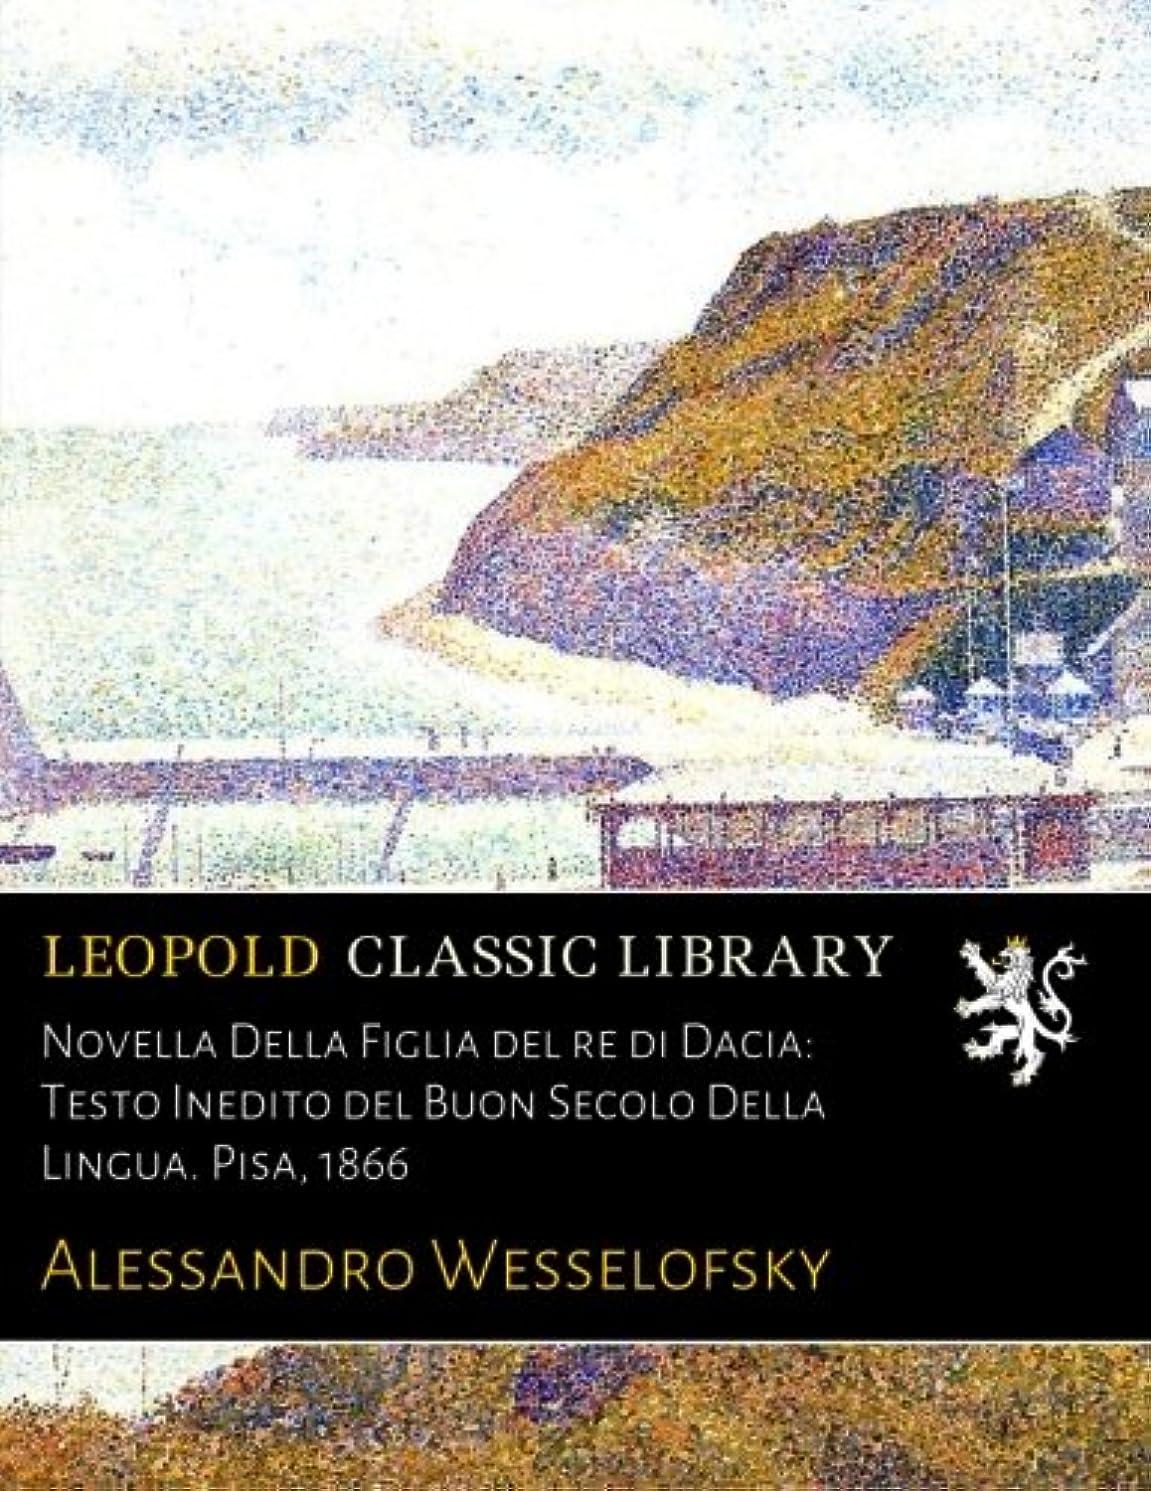 差し迫った涙光電Novella Della Figlia del re di Dacia: Testo Inedito del Buon Secolo Della Lingua. Pisa, 1866